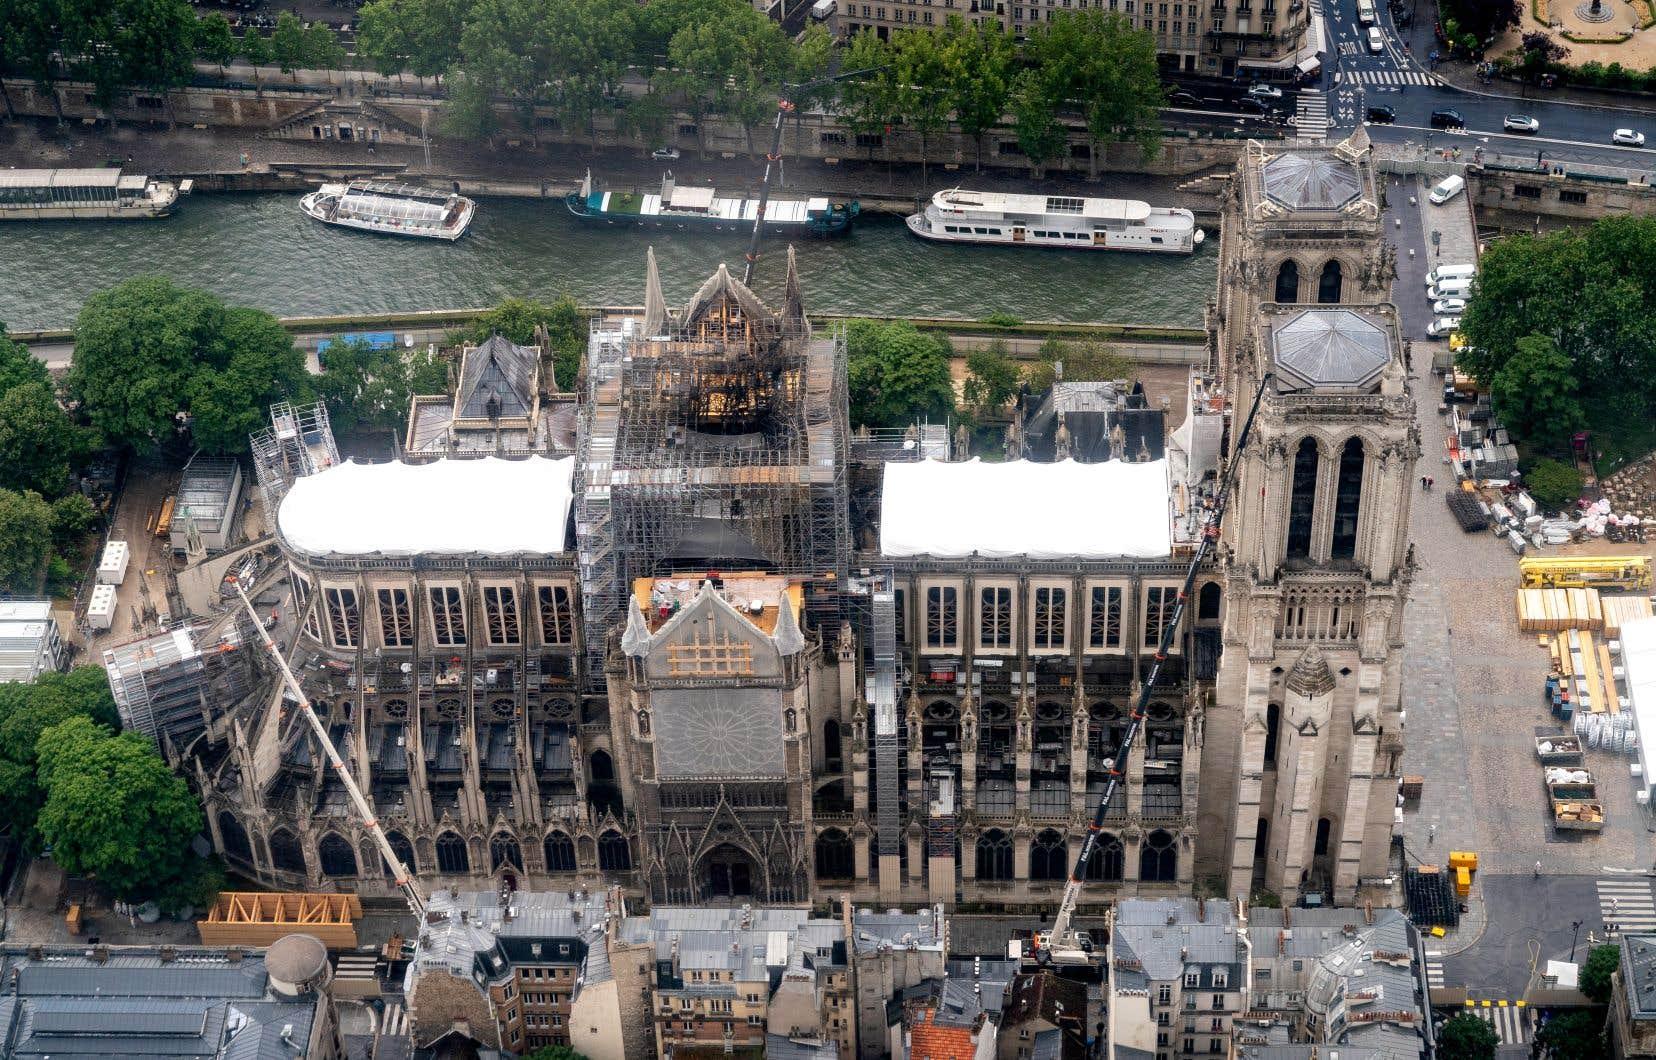 La Fondation Notre-Dame a mentionné que l'un des aspects les plus complexes du chantier actuel de sécurisation est le démontage de l'échafaudage.